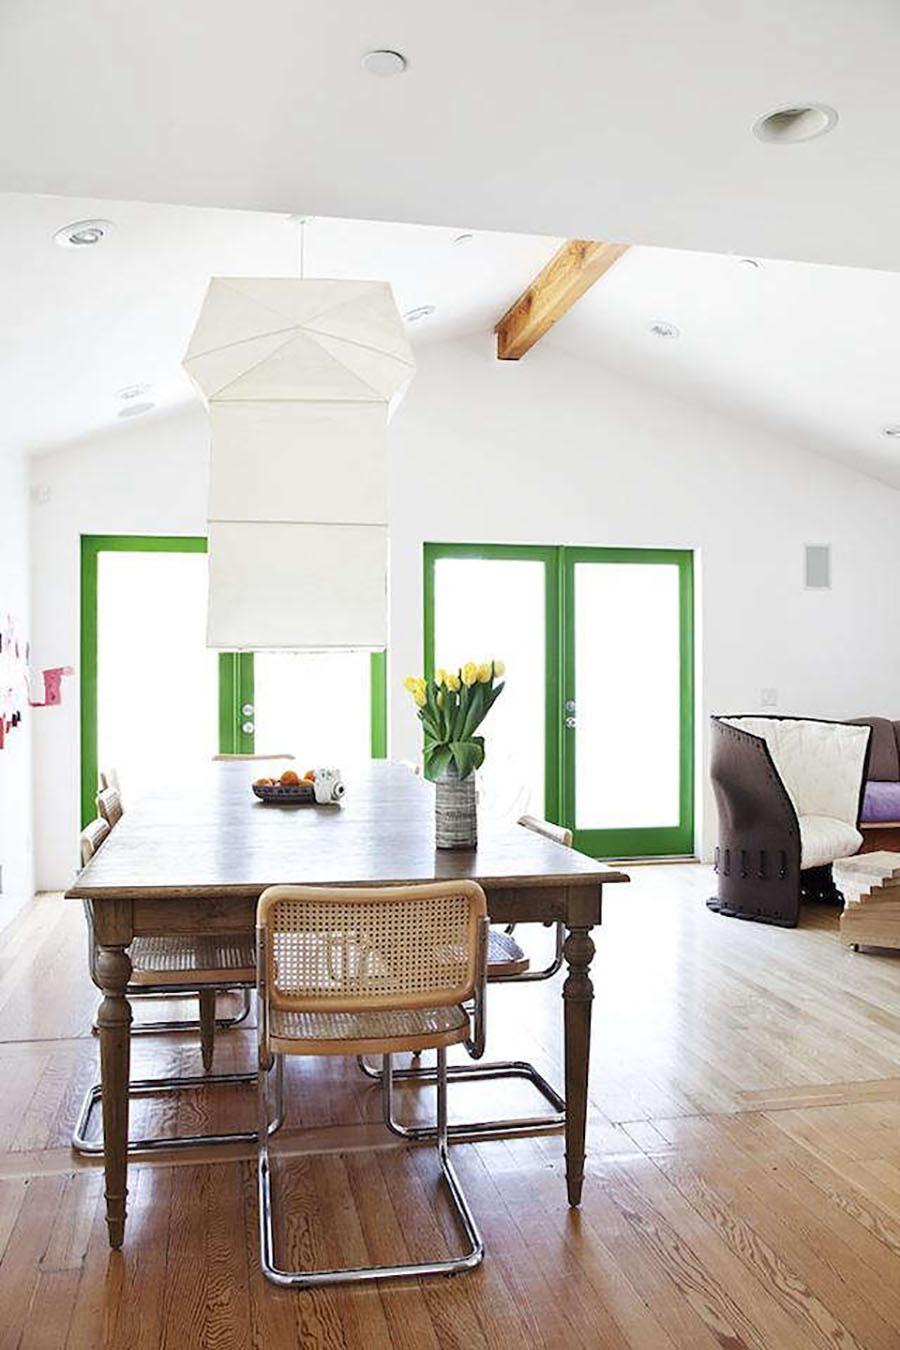 En un gran espacio abierto, los marcos de las puertas están pintados de un color verde brillante.